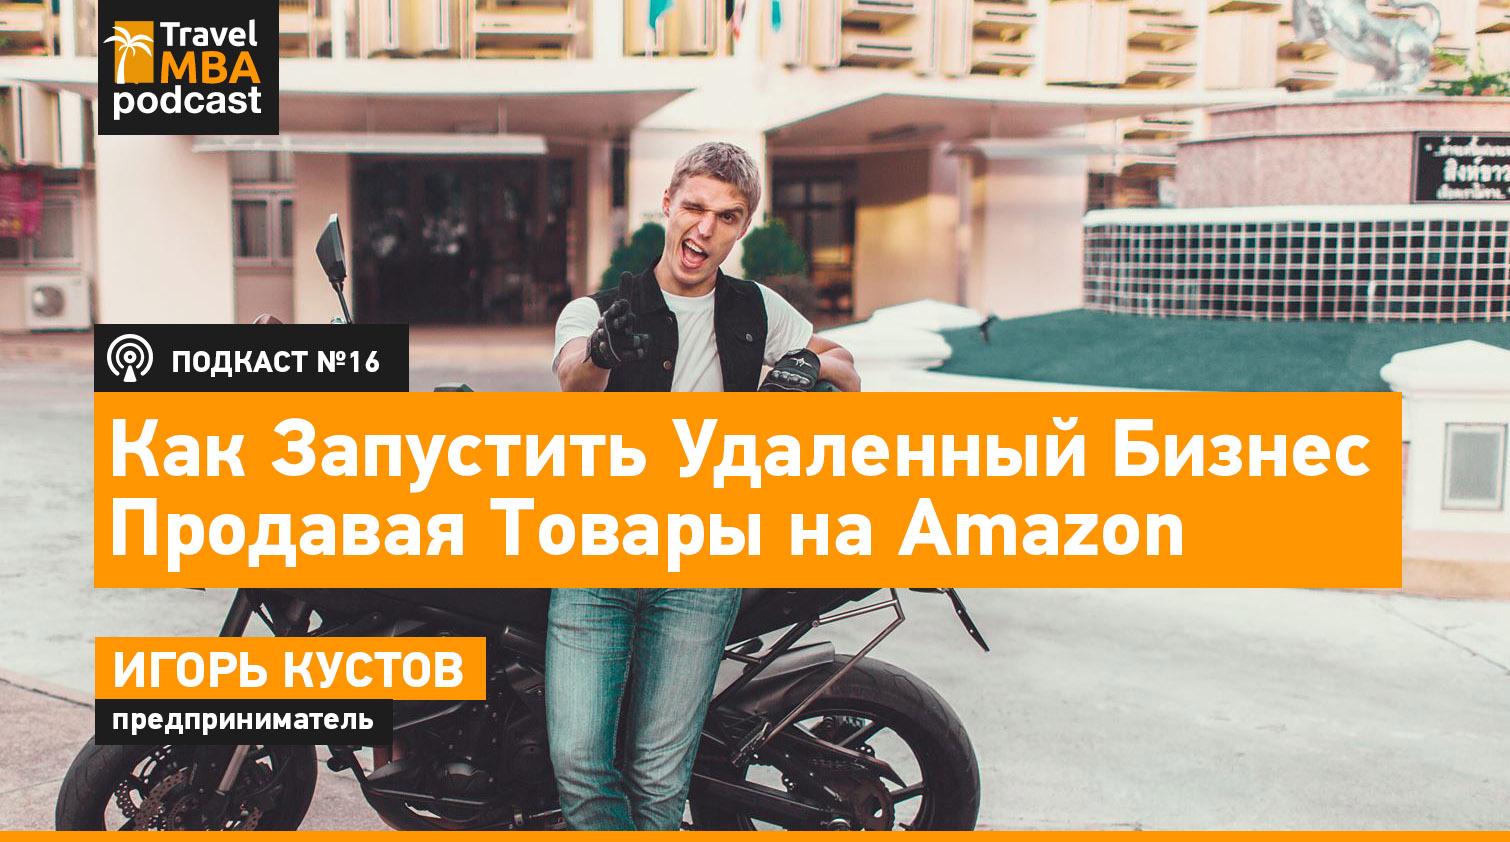 Бизнес на Amazon. Как запустить бизнес на Amazon